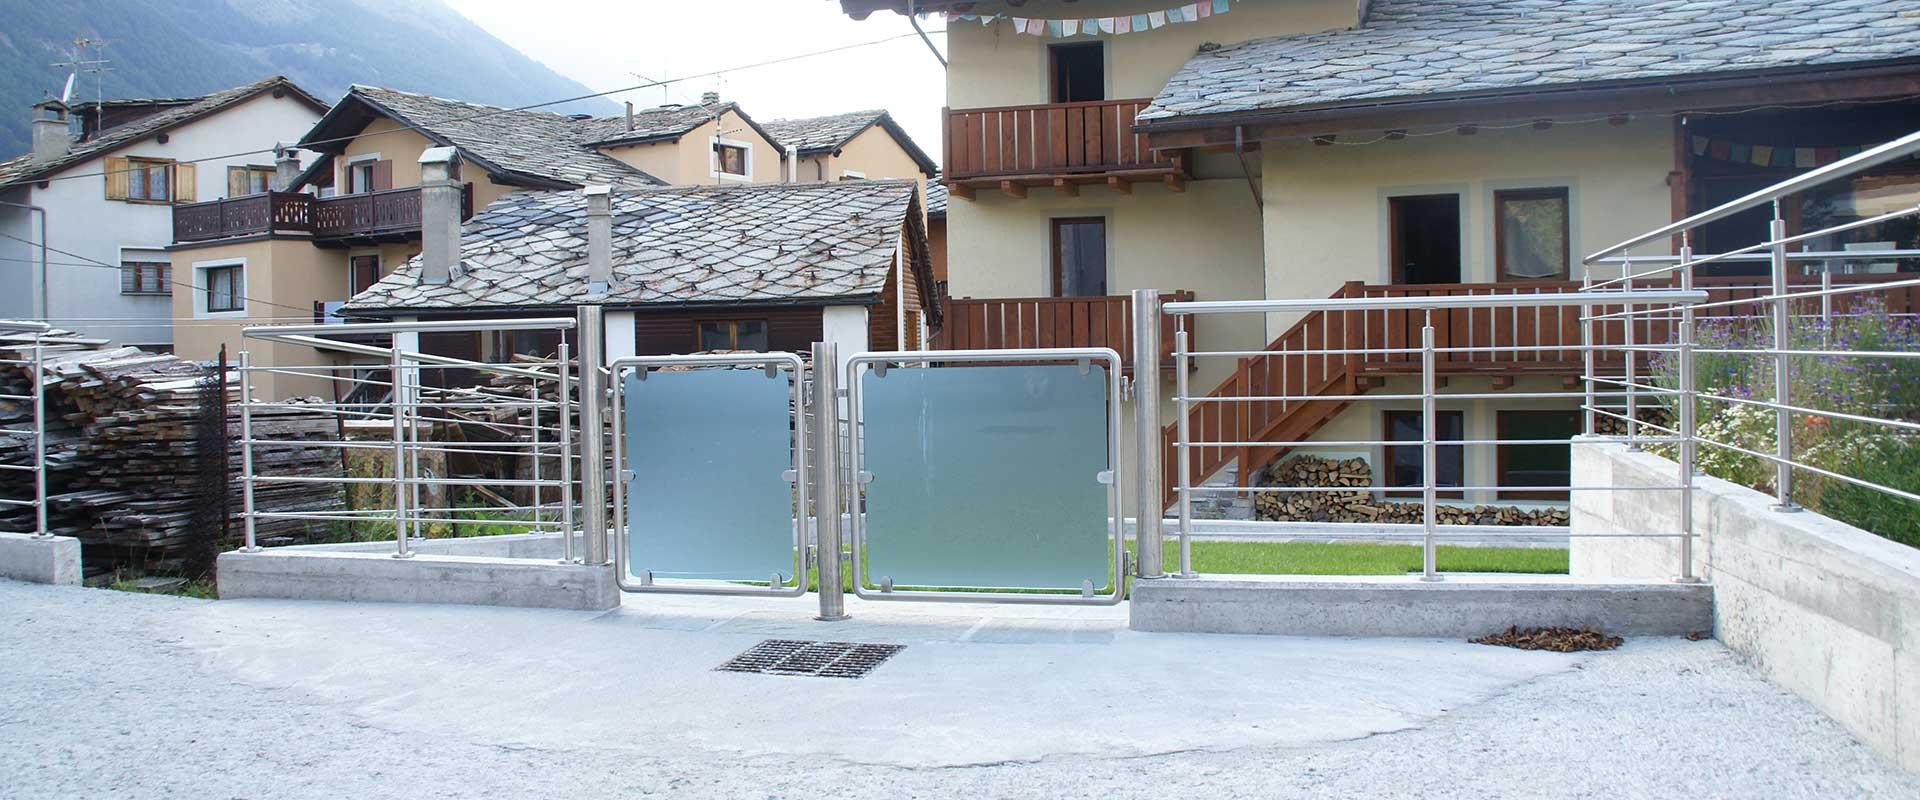 Fabbro, carpenteria metallica, Cogne